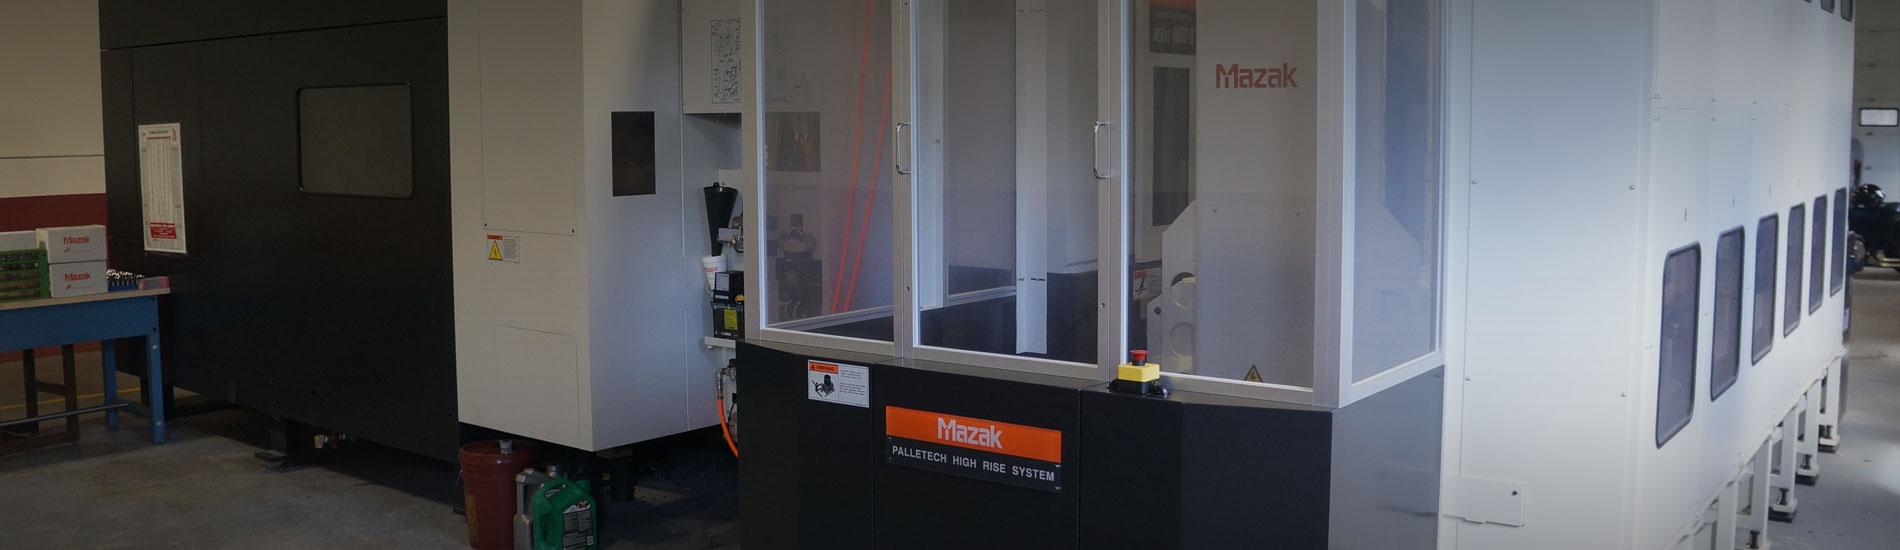 Adax Machine